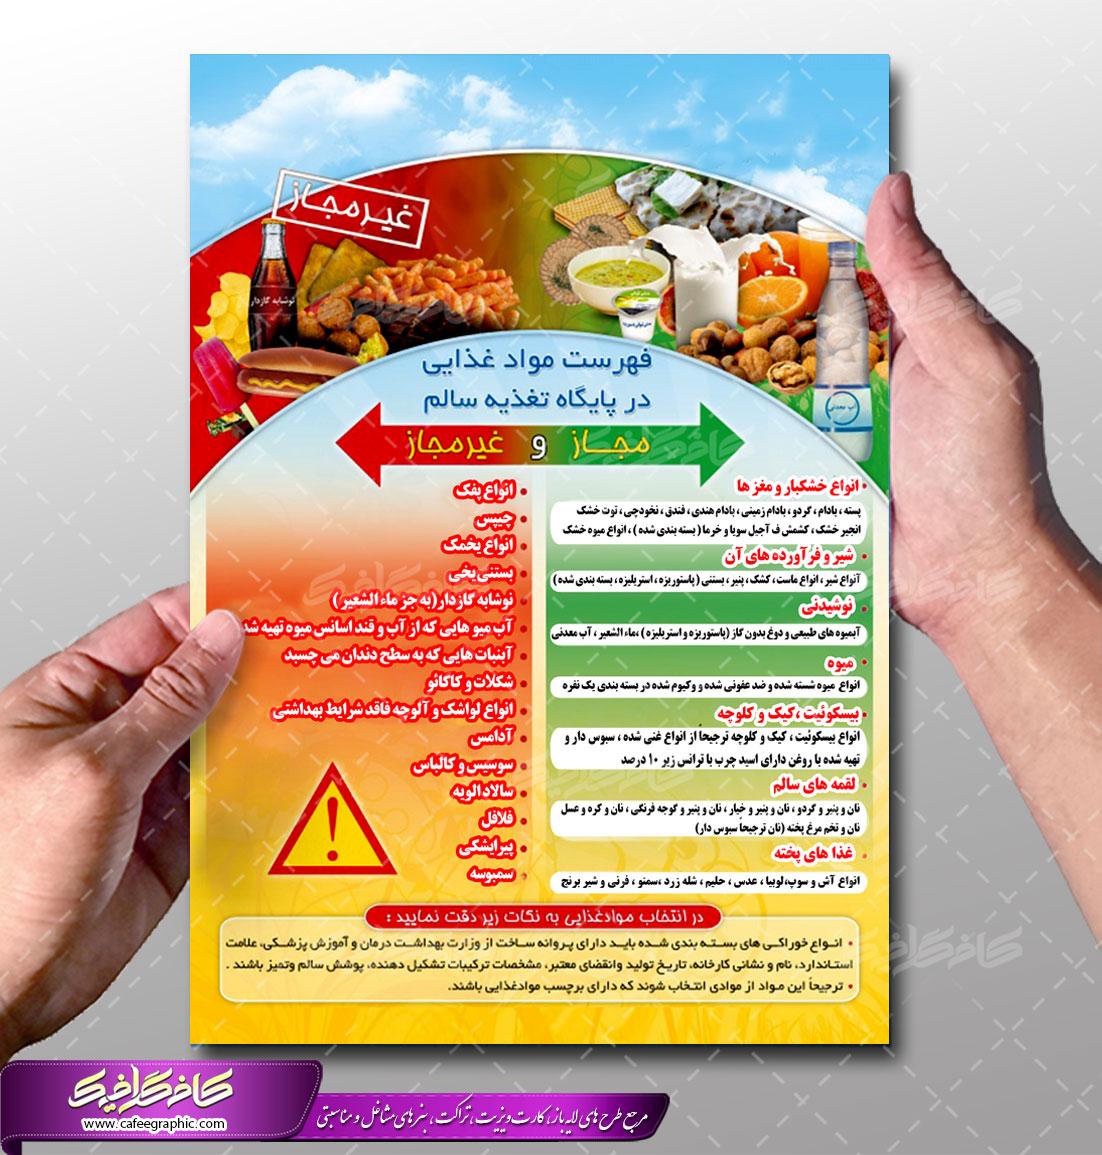 پوستر لایه باز فهرست مواد غذایی در پایگاه تغذیه سالم